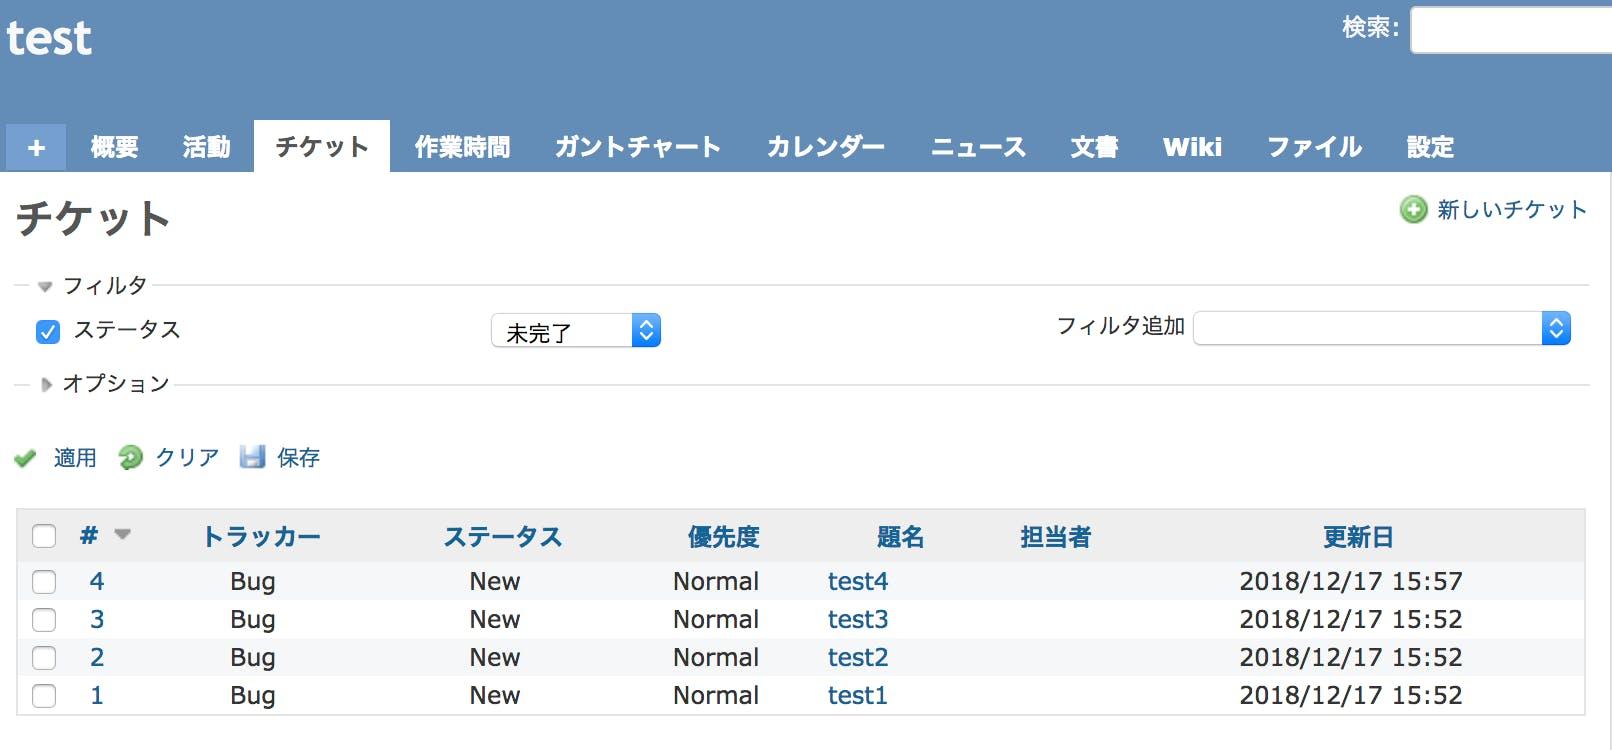 スクリーンショット 2018-12-18 0.58.04.png